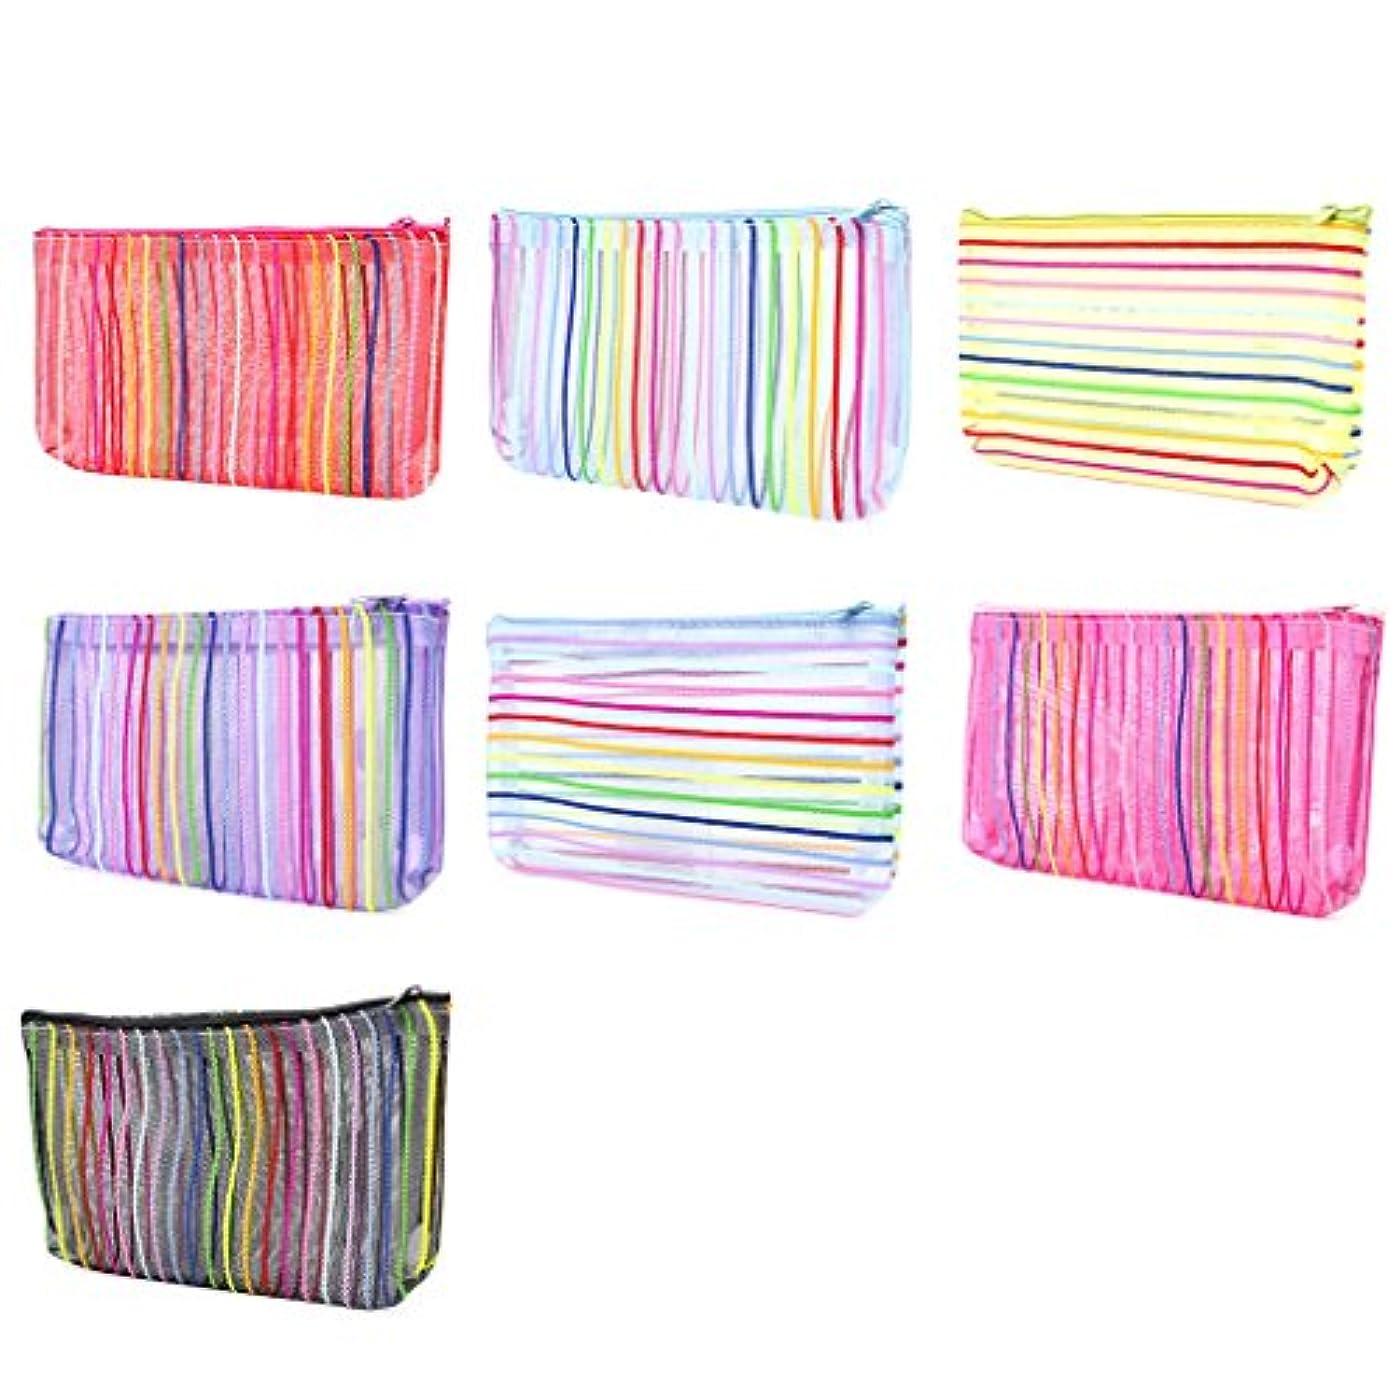 クランシー不潔ギャンブルSimpleLife Rainbow化粧品バッグ/ナイロンメッシュ化粧ケース/トラベルトイレタリーポーチオーガナイザーバッグ(ジッパー付き)(ランダムカラー)